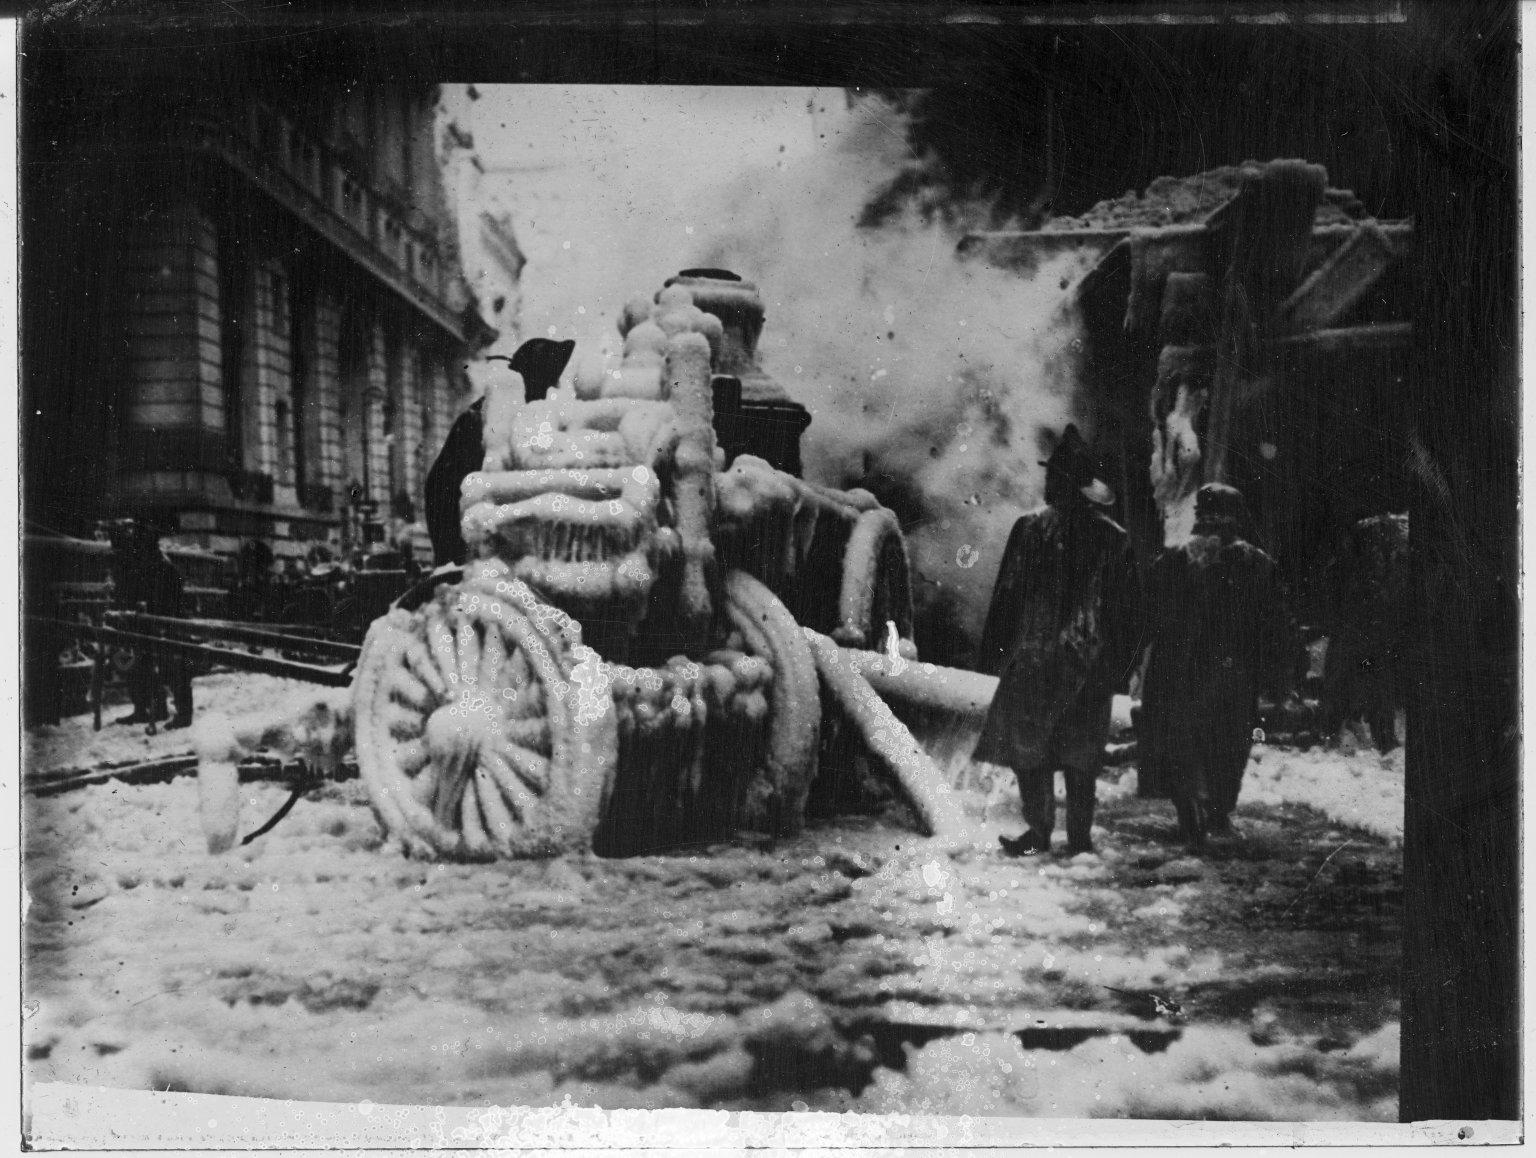 Покрытый льдом паровой пожарный насос. Нью-Йорк, США. Начало 20 века